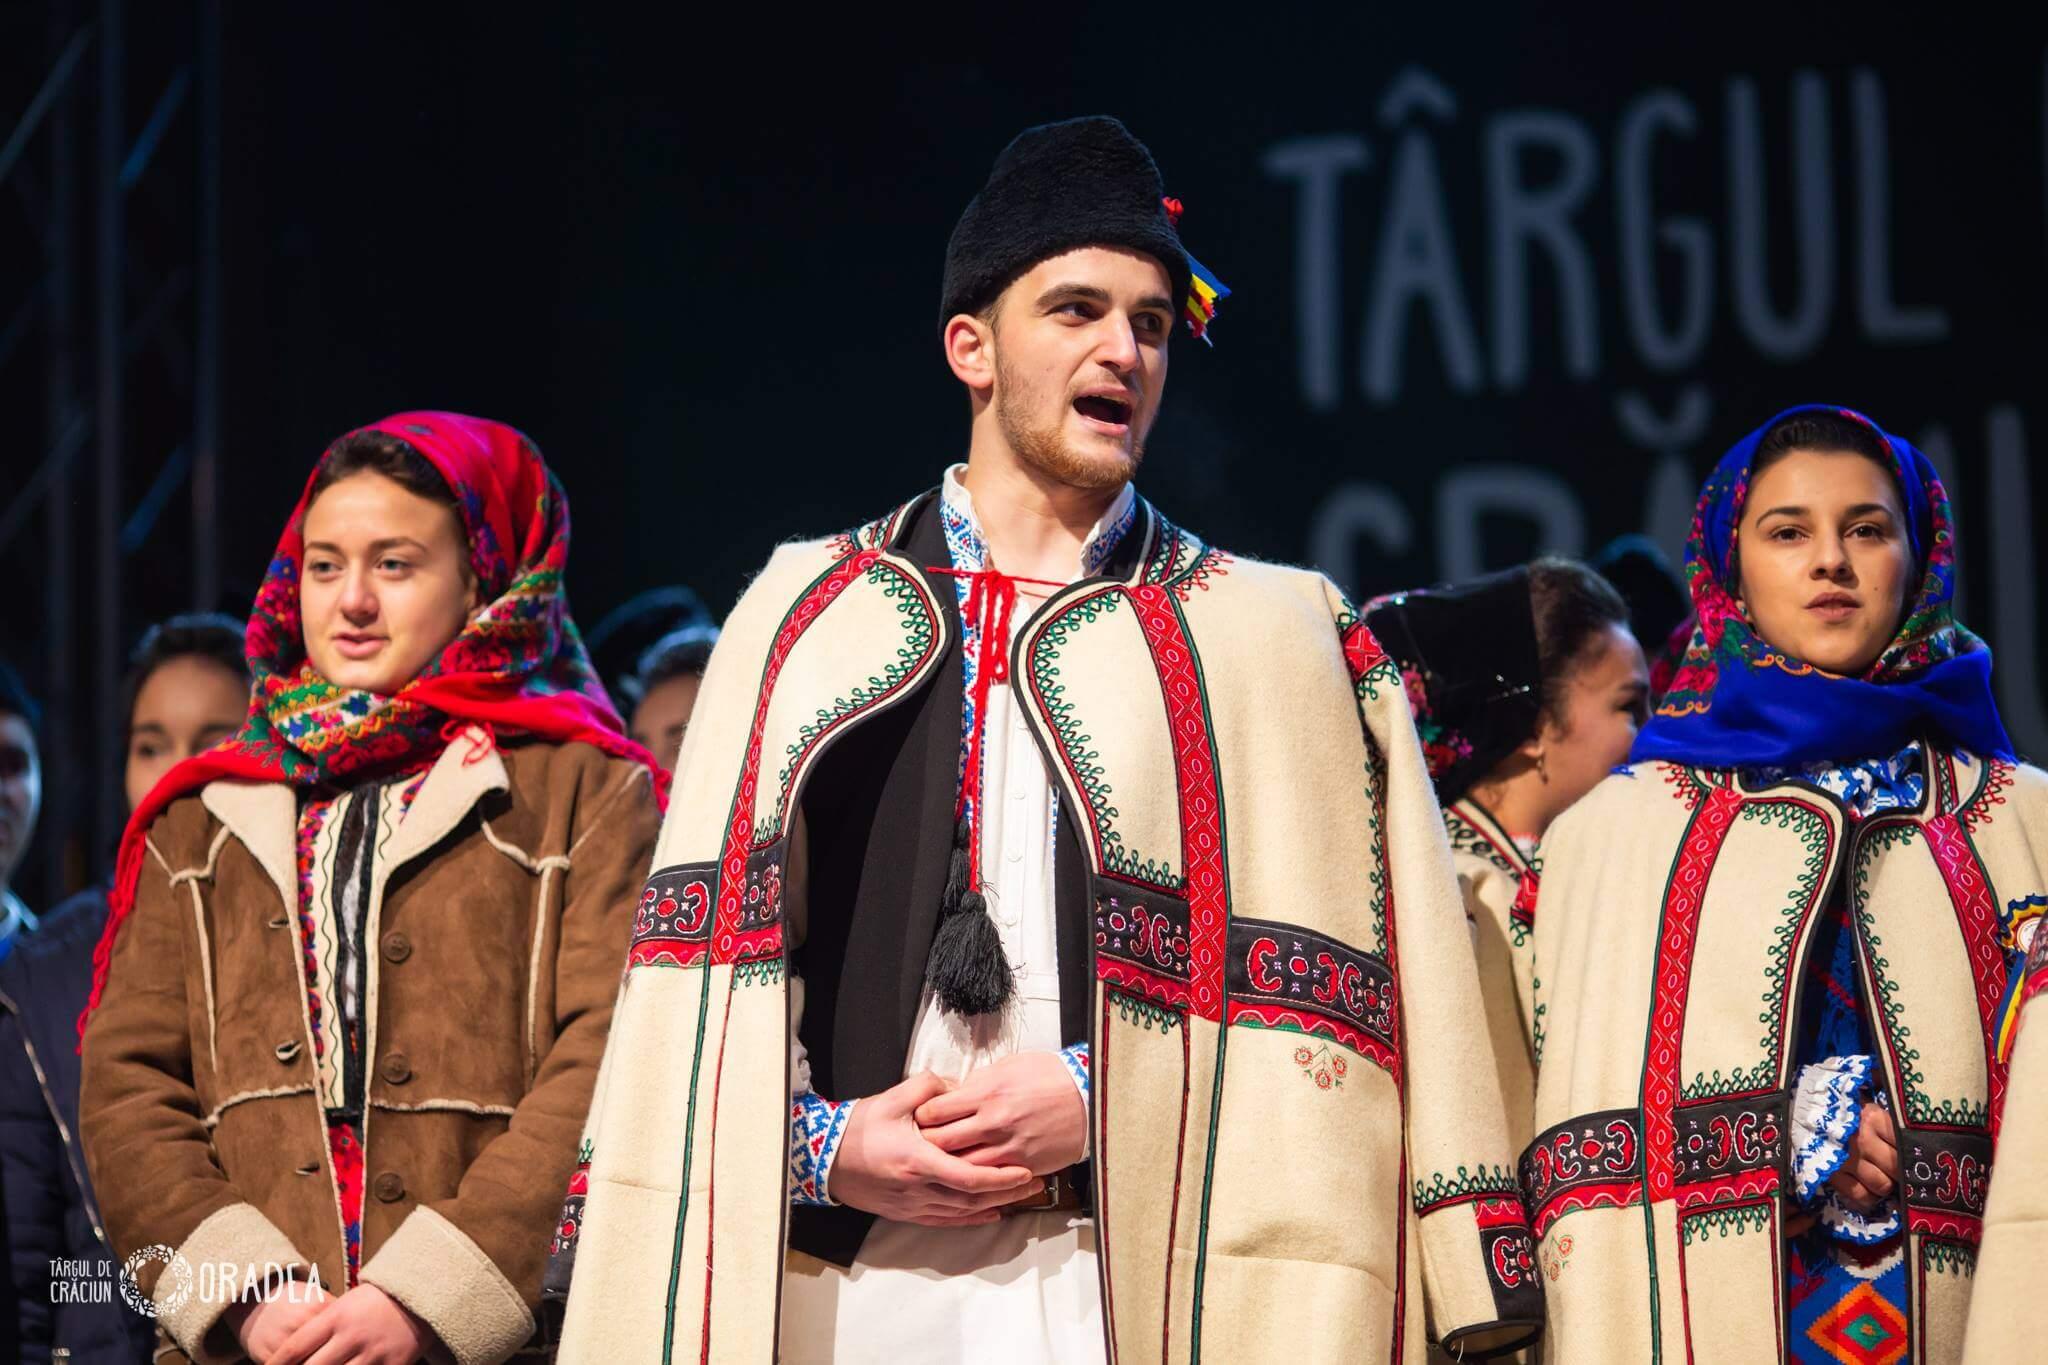 targul-de-craciun-oradea-2018-64